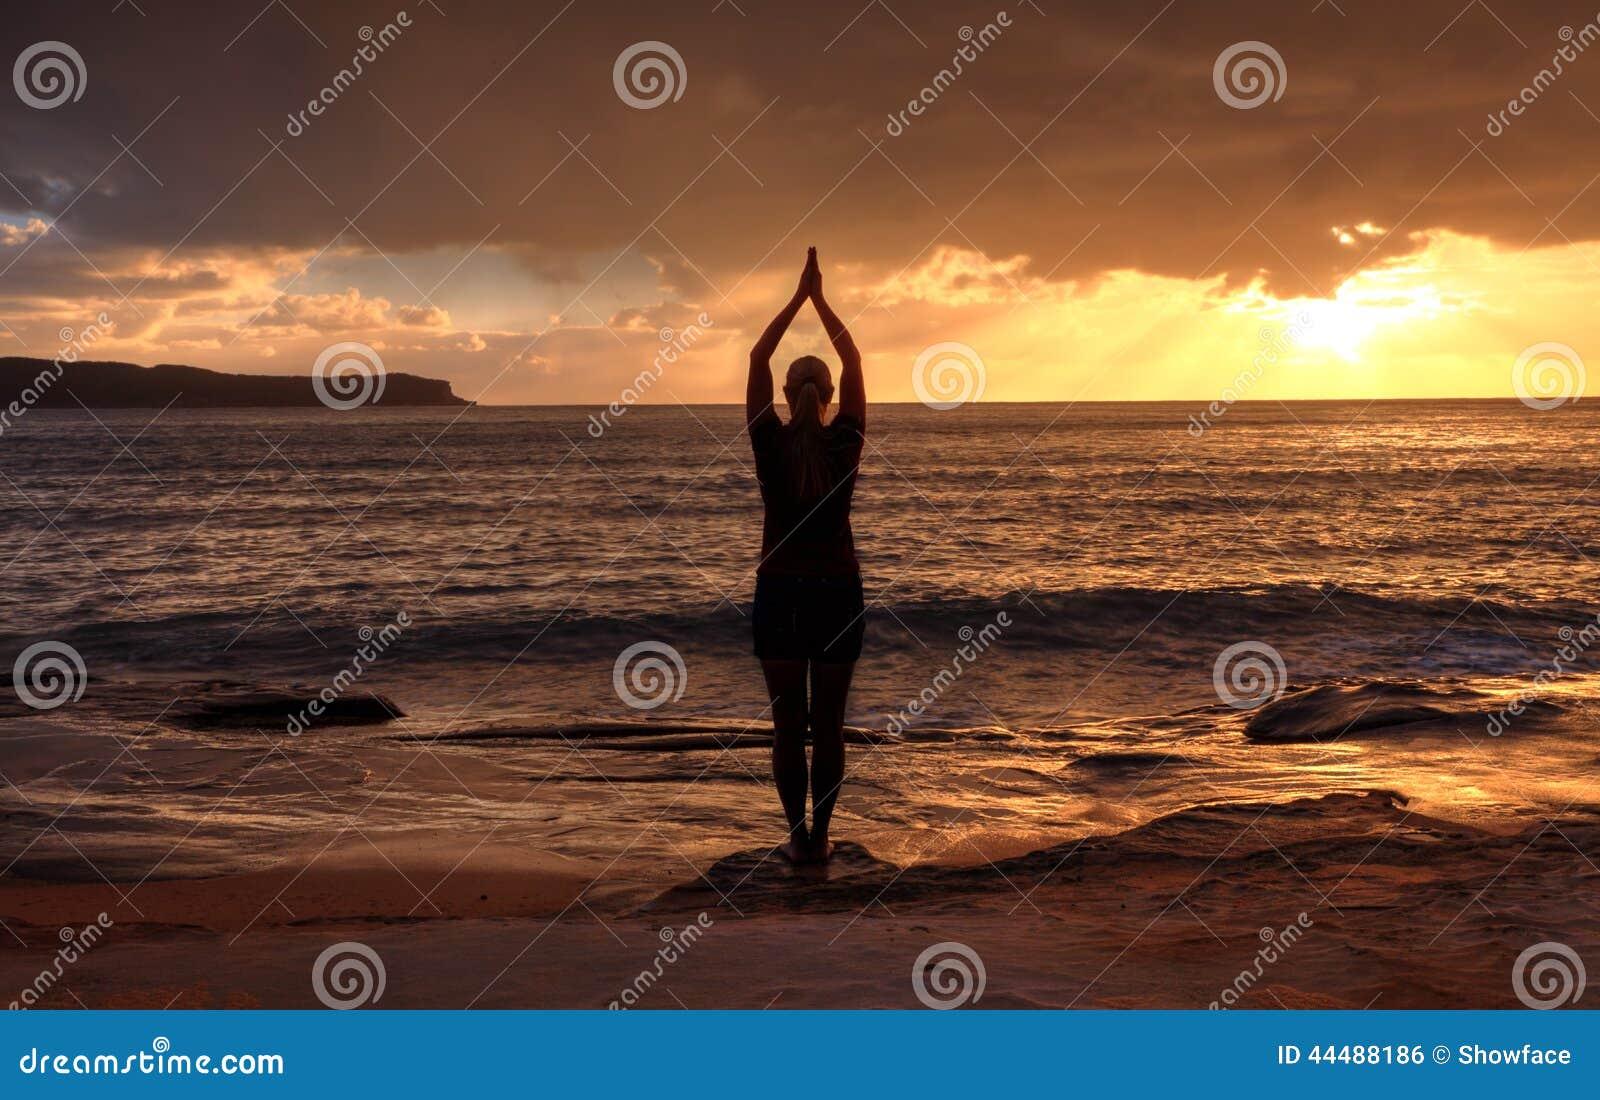 Kobieta Tadasana - Halny pozy joga morzem przy wschodem słońca